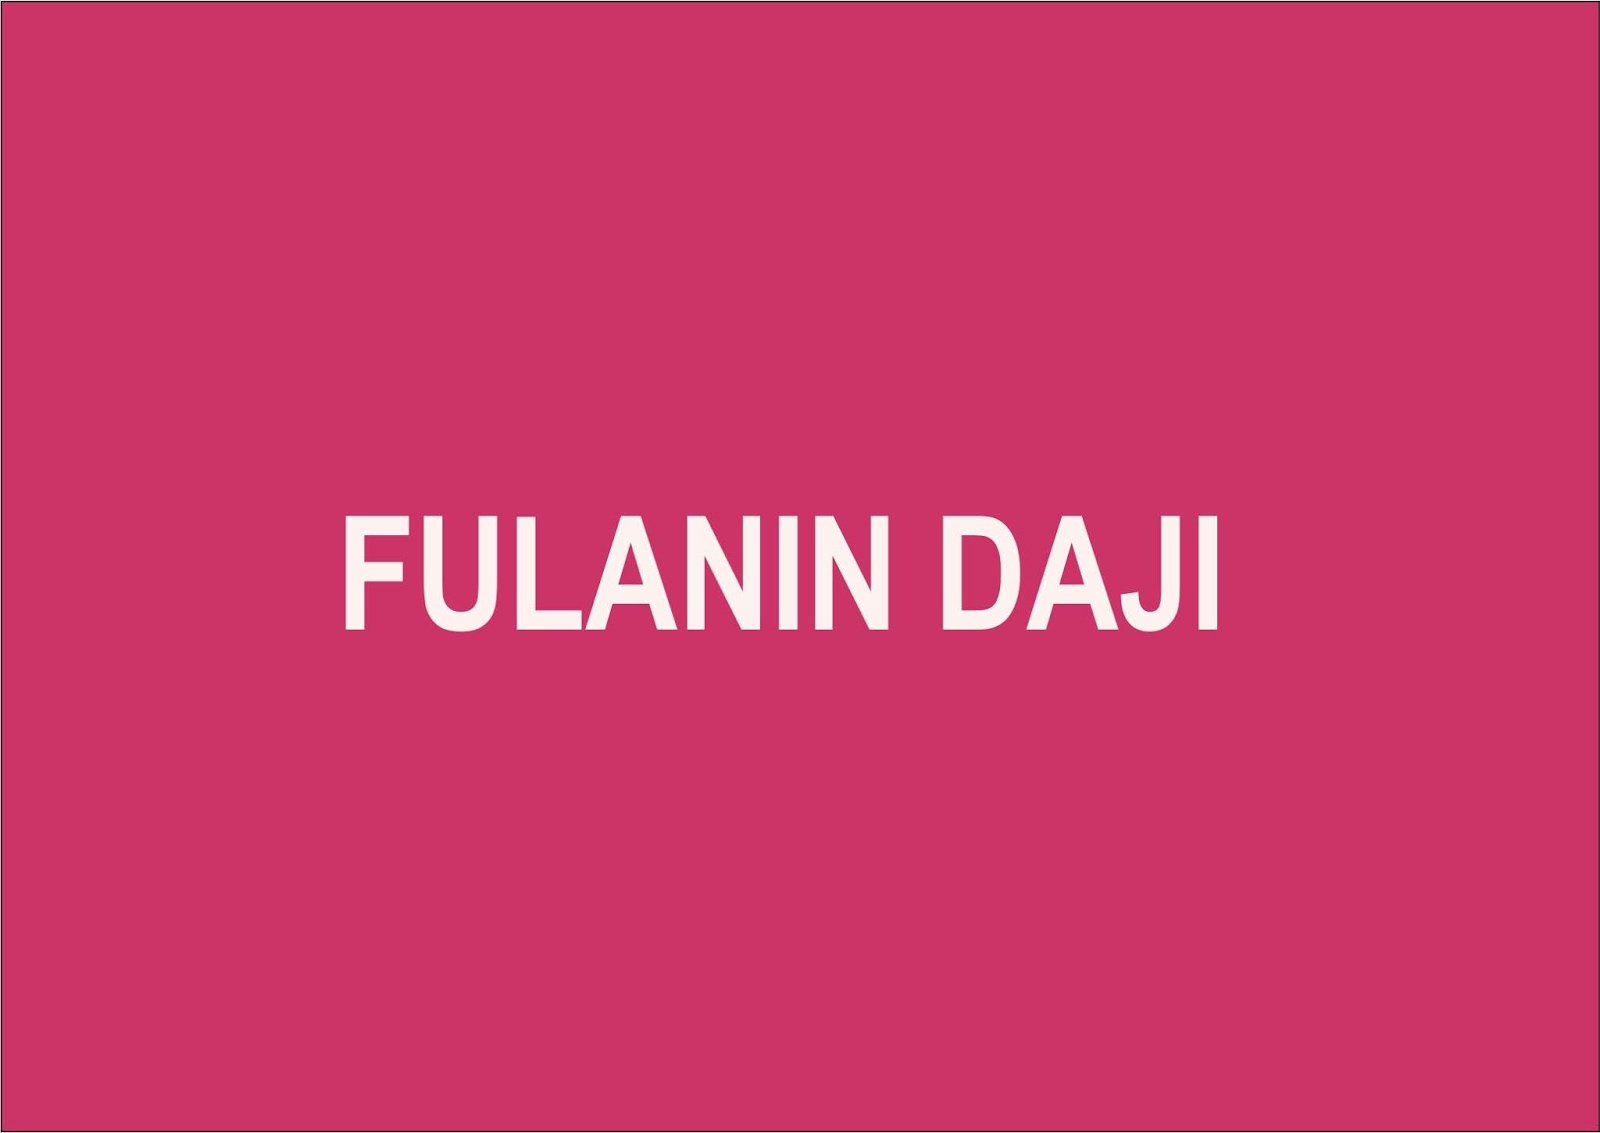 FULANIN DAJI Complete Hausa Romatic Novel - Gidan Novels | Hausa Novels